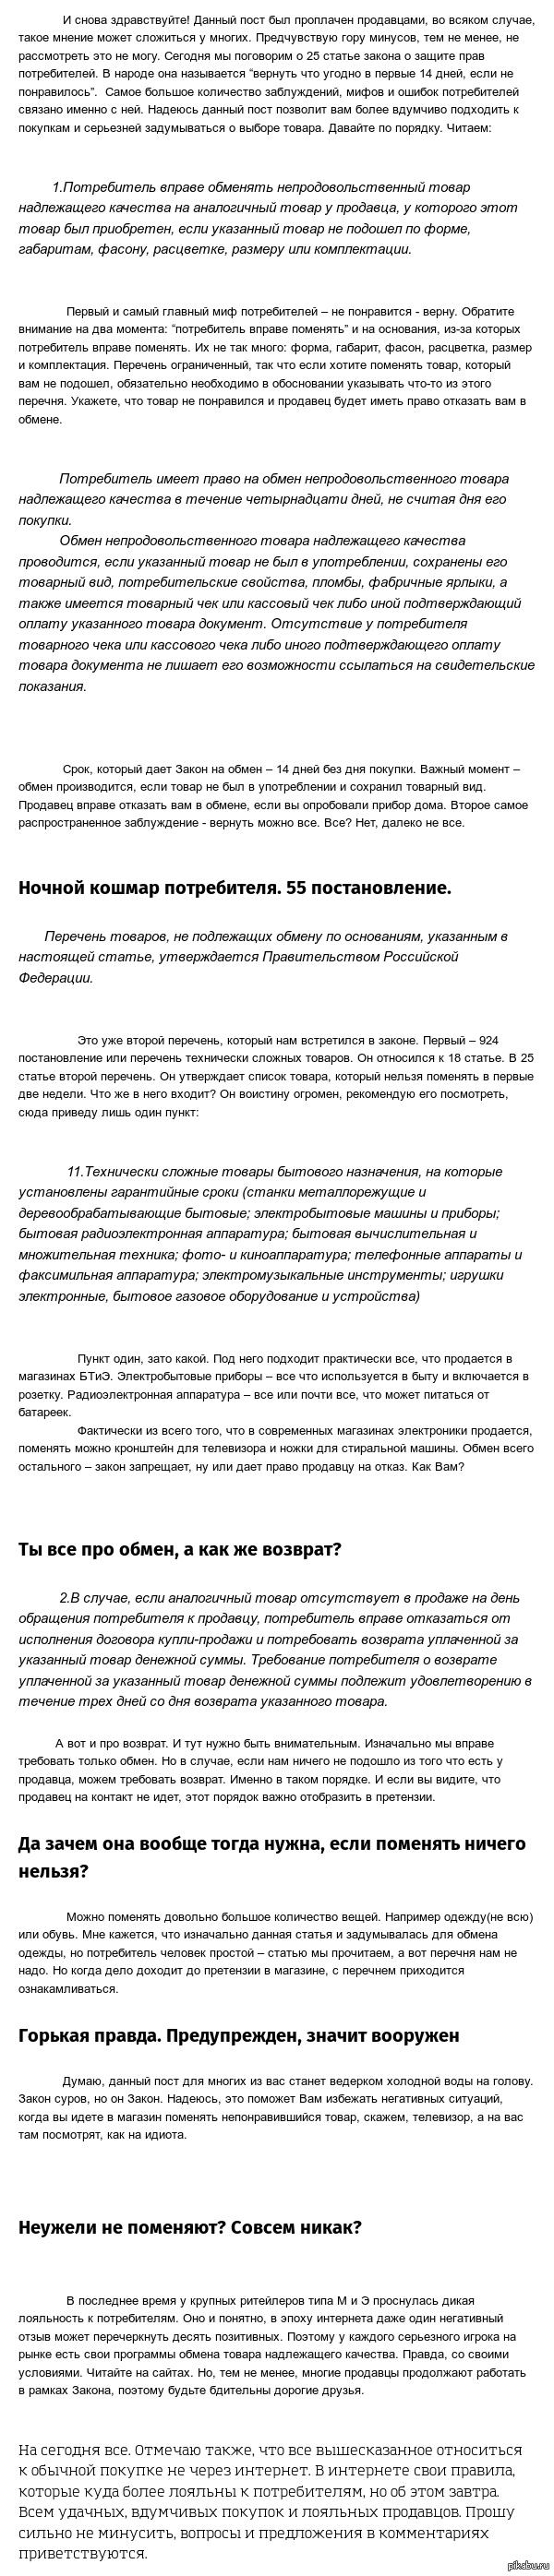 Какие требования для приема в российское гражданство